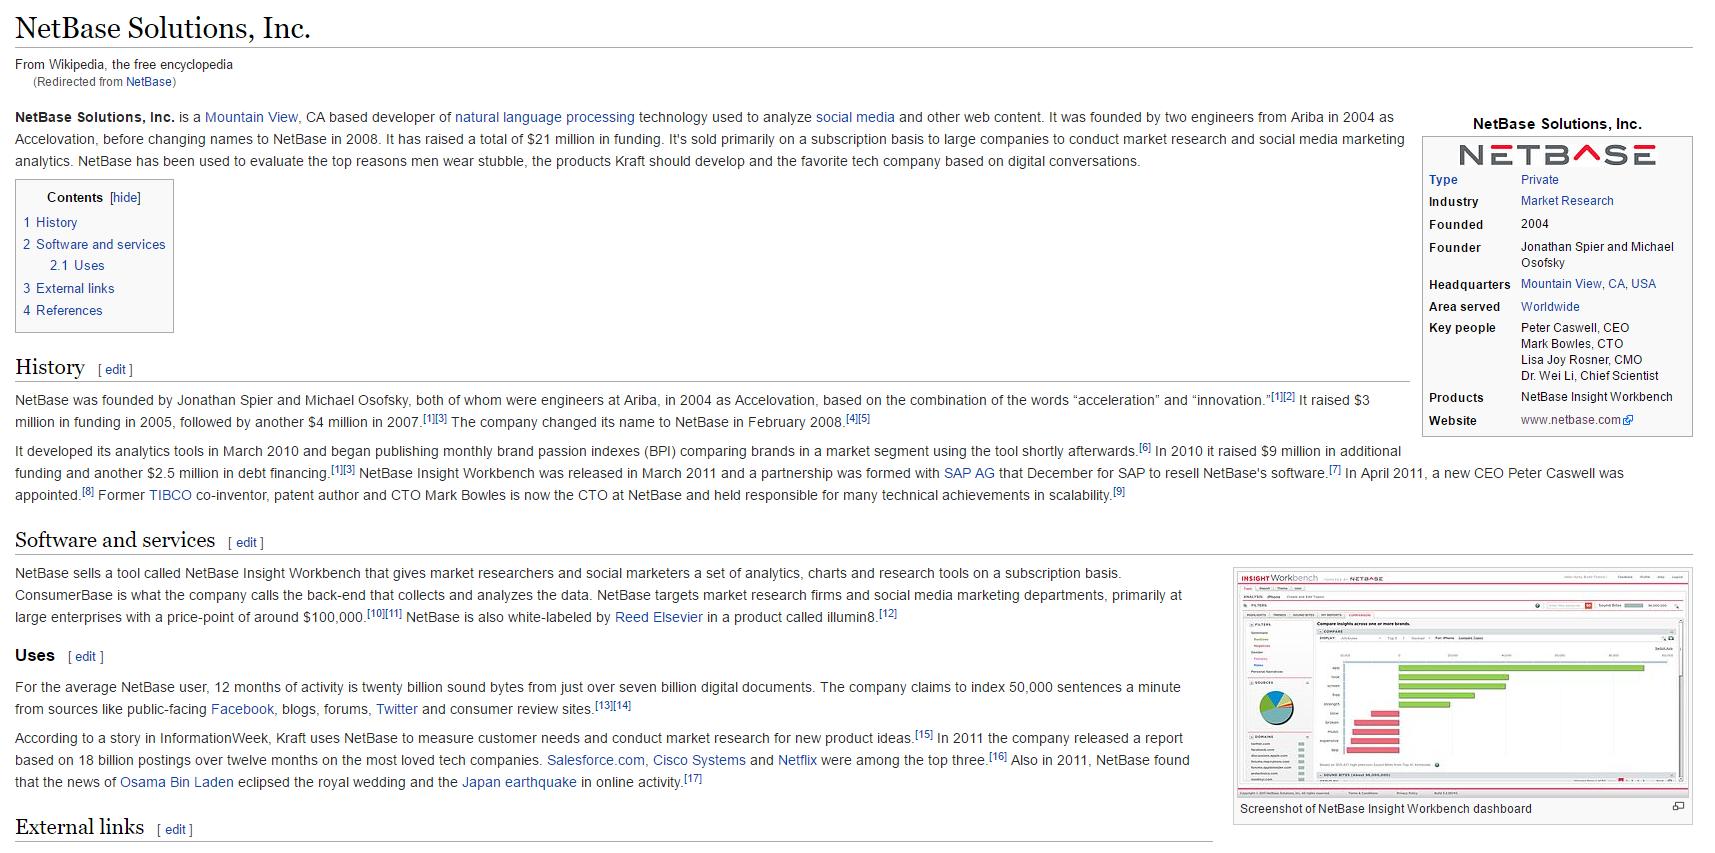 wikinetbase